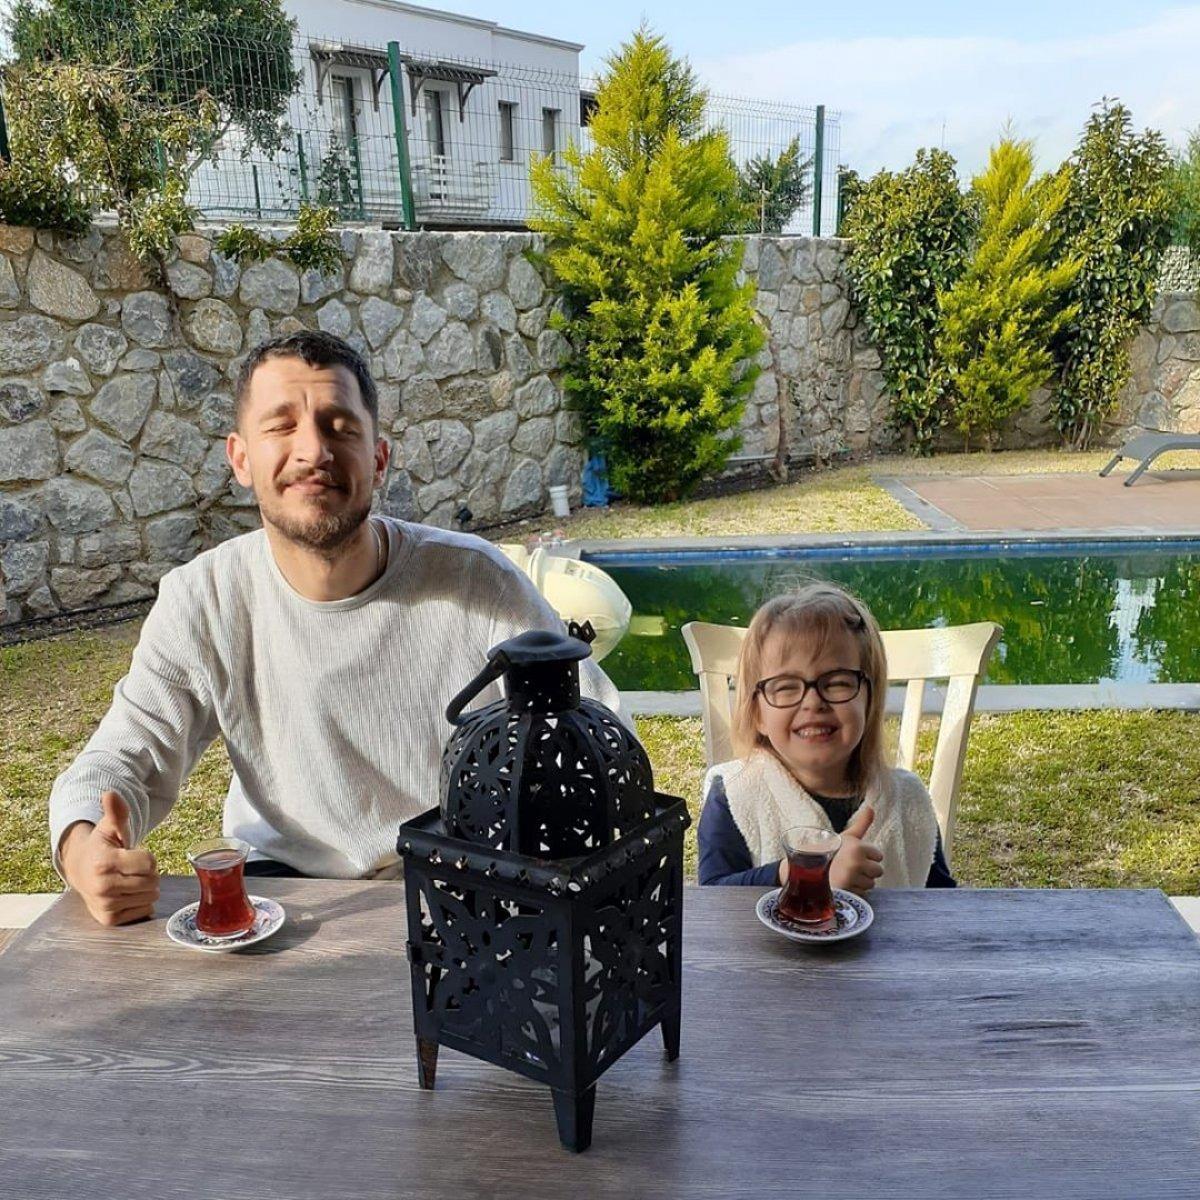 Uraz Kaygılaroğlu, kızına anlattığı masalı değiştirdi #2